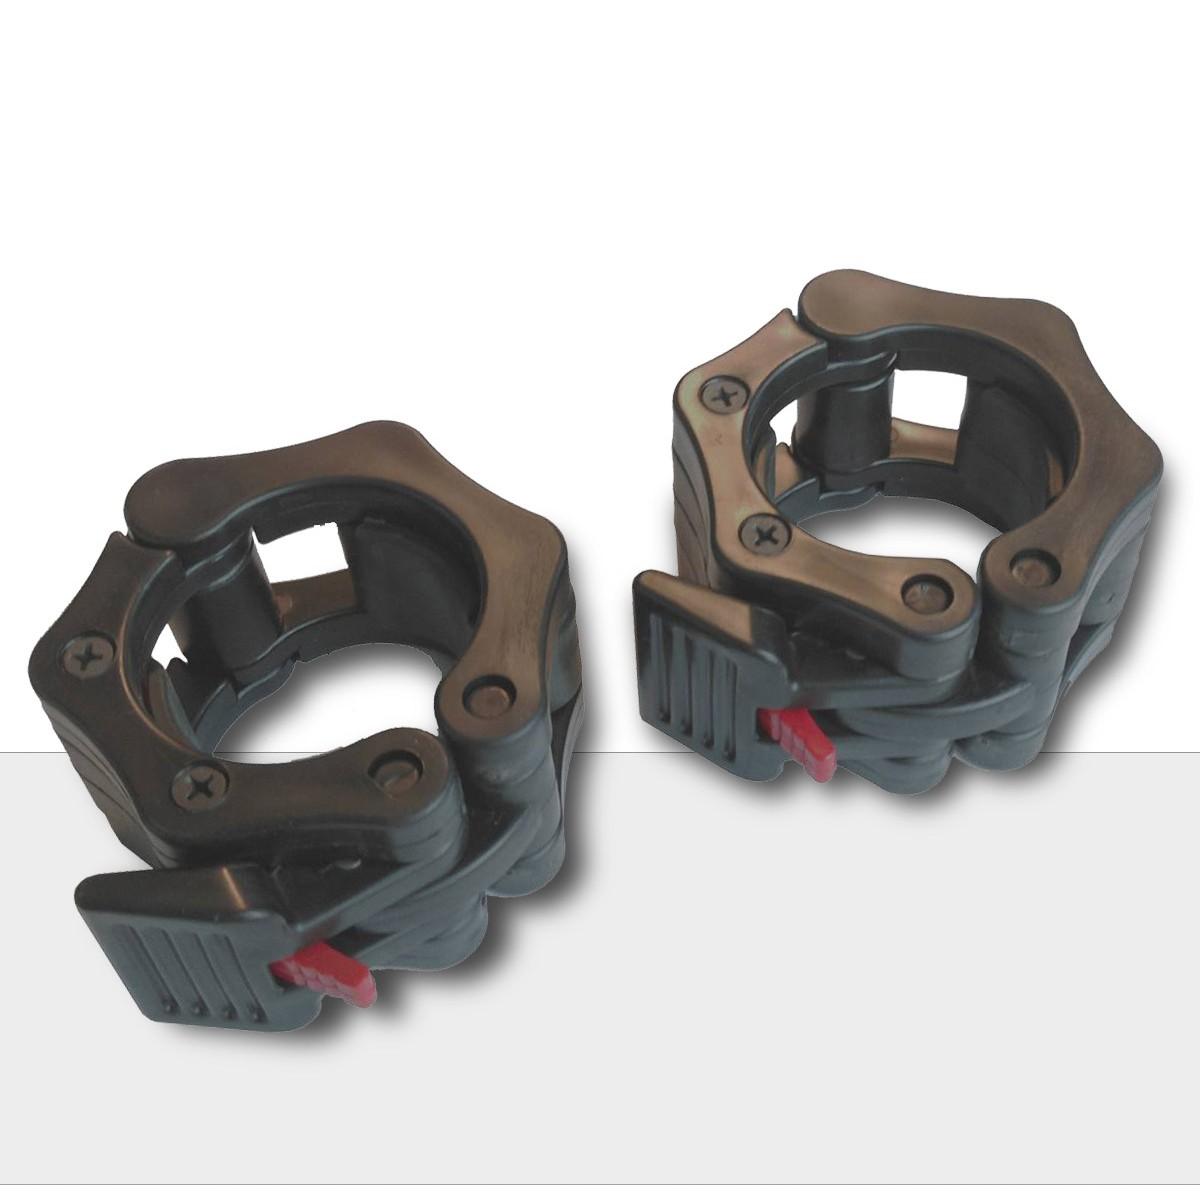 DKN Lock-Jaw Collars